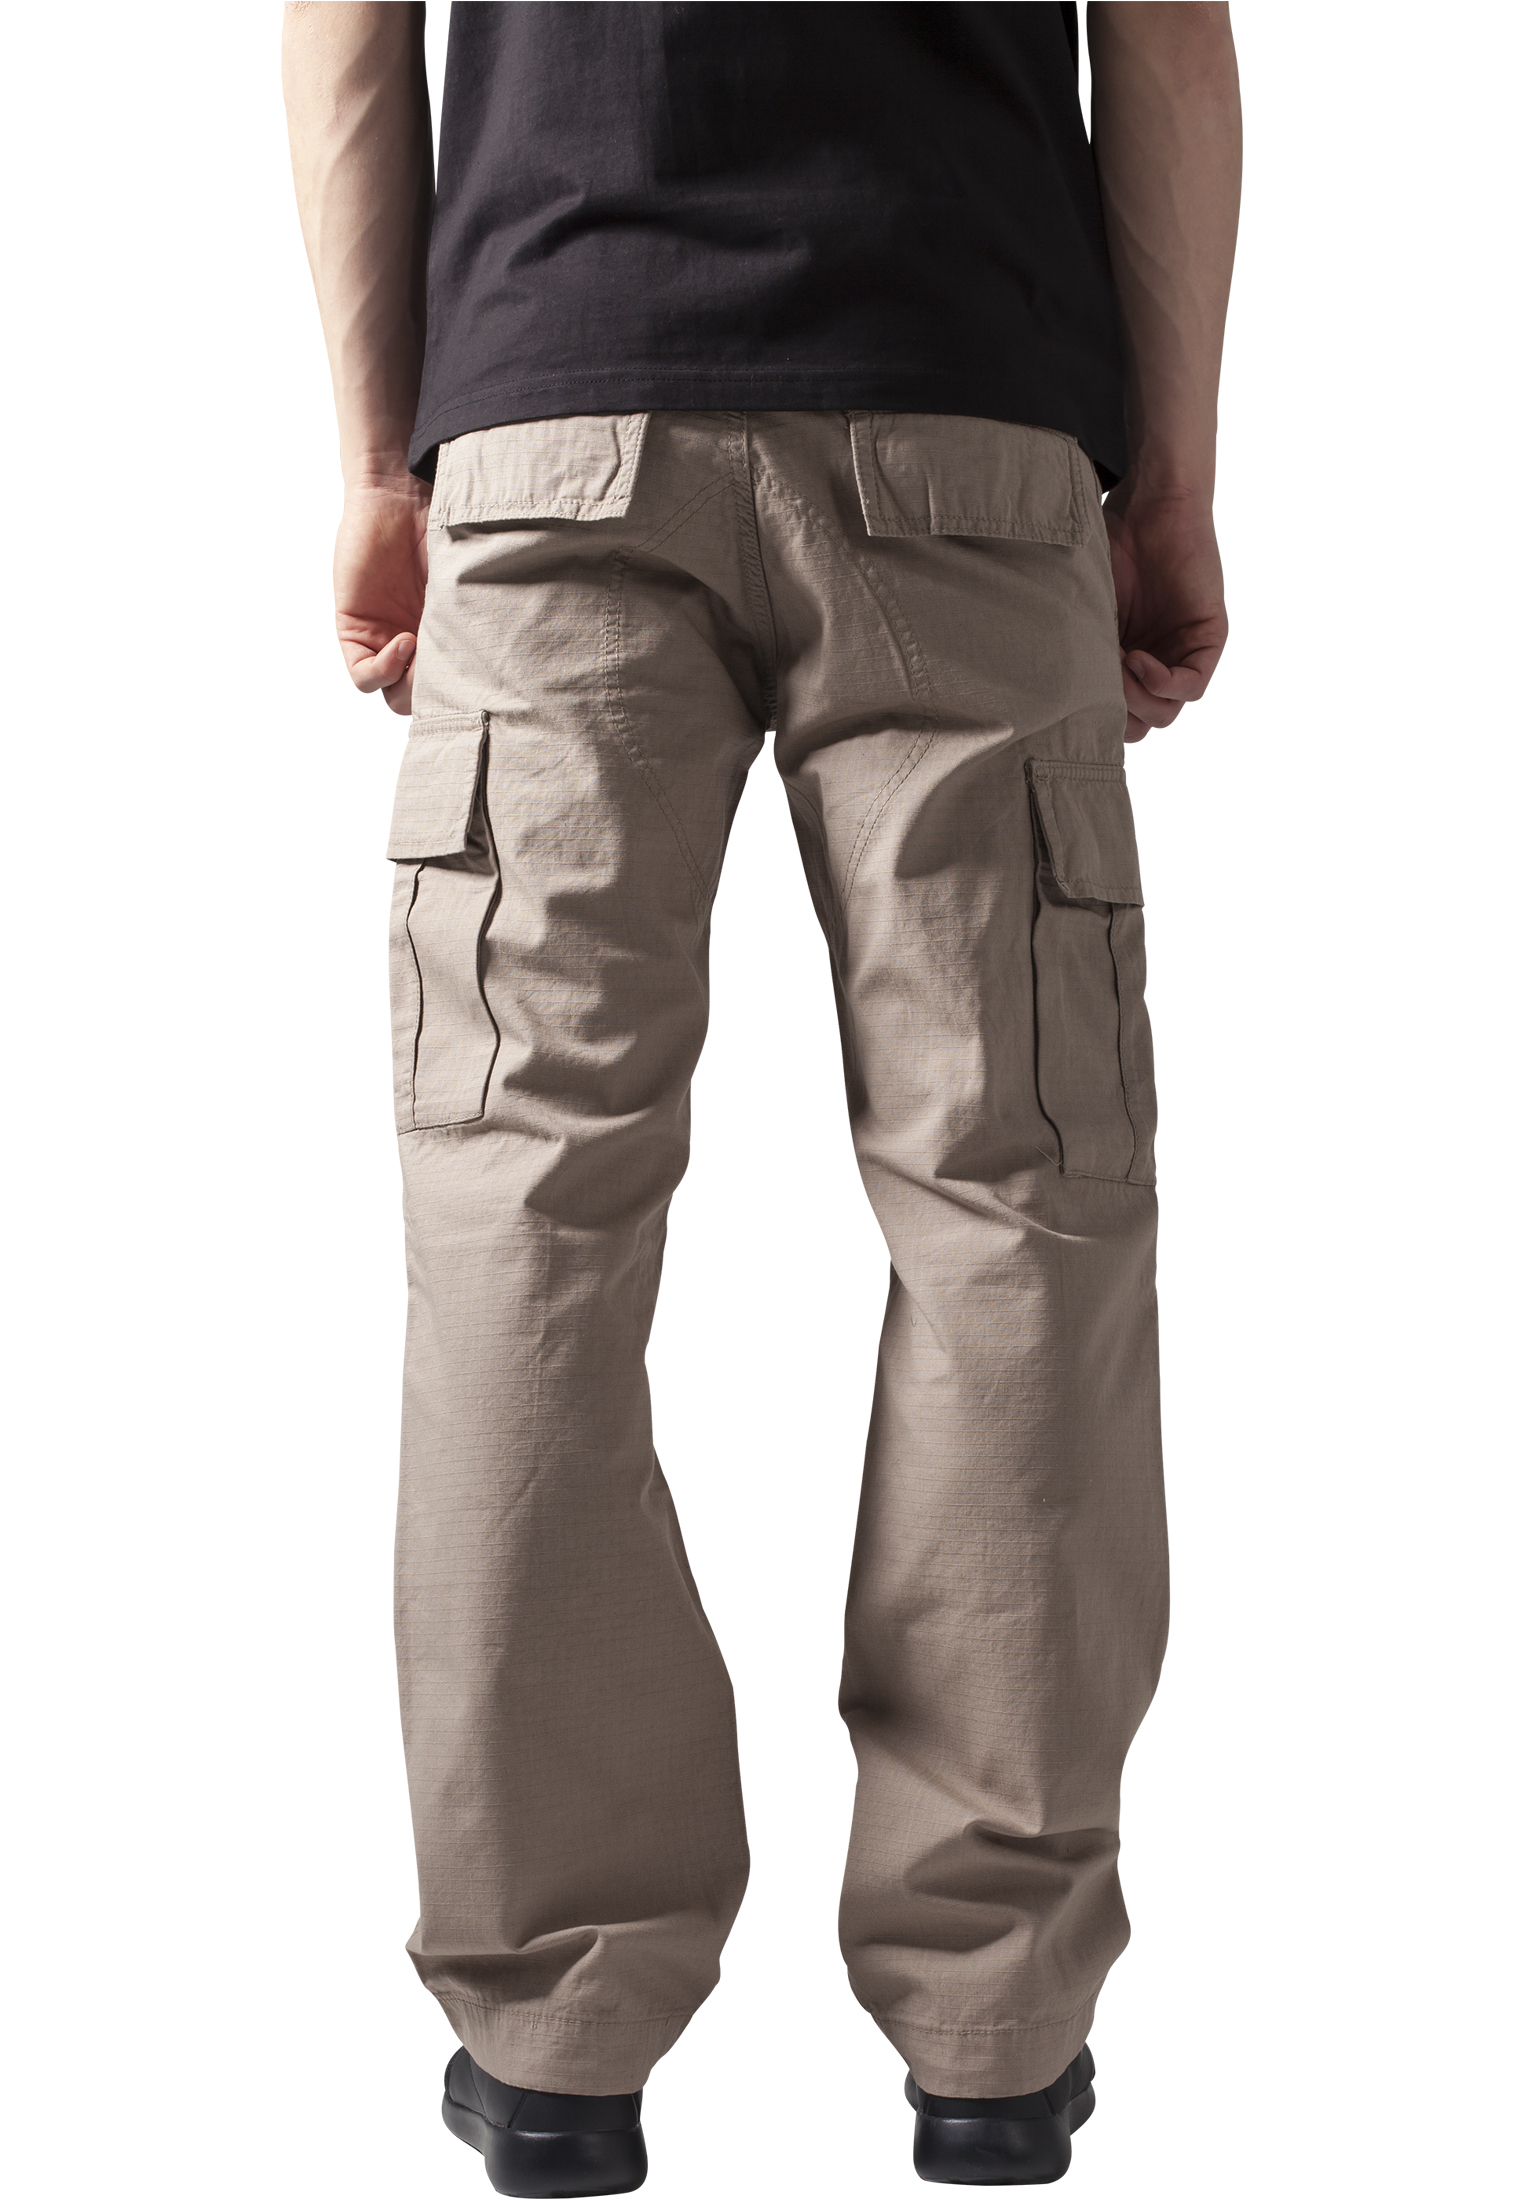 PUMA x ICNY PERFORMANCE PANT Hosen Schwarz Polyester Elastan